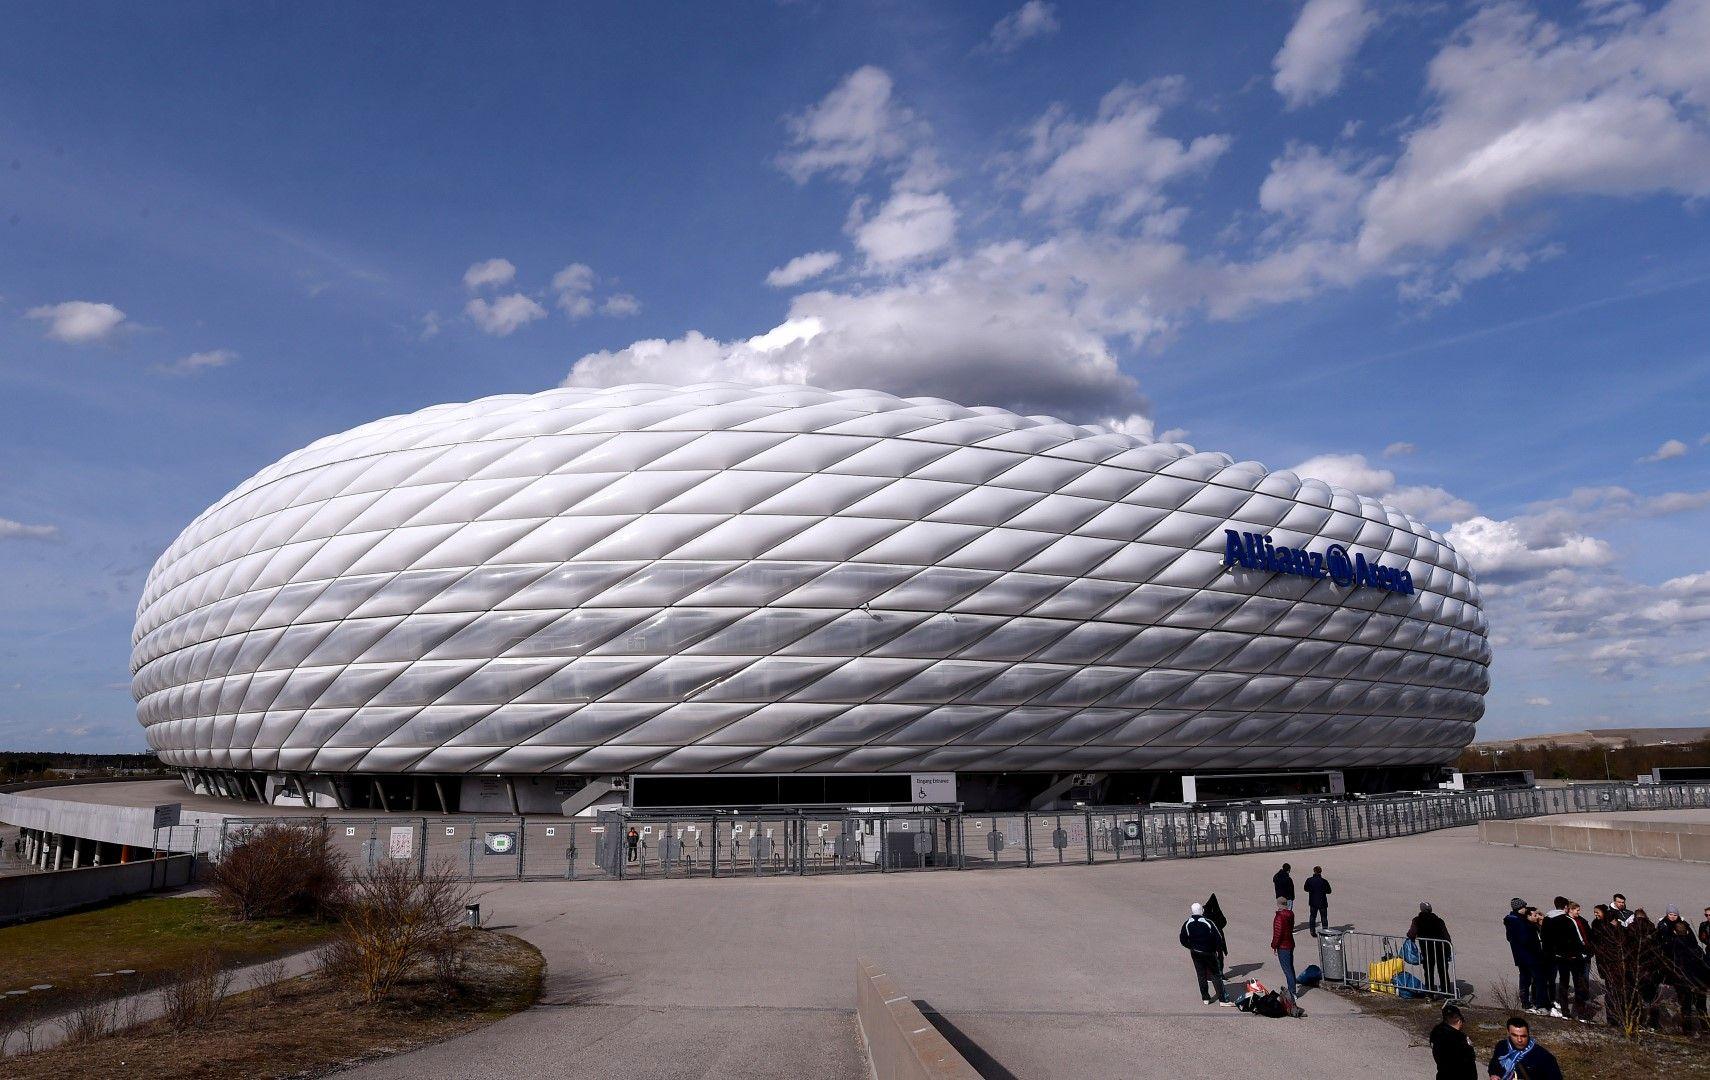 """""""Алианц Арена"""" е домът на Байерн (Мюнхен) и външният му дизайн е уникален спрямо тези на останалите стадиони. Построен е през 2005-а и събира 75 хиляди души, като струваше 340 милиона евро. Прие финала между Байерн и Челси (1:1) в Шампионска лига през 2012-а, както и полуфинала на Световното първенство през 2006-а между Франция и Португалия (1:0)."""